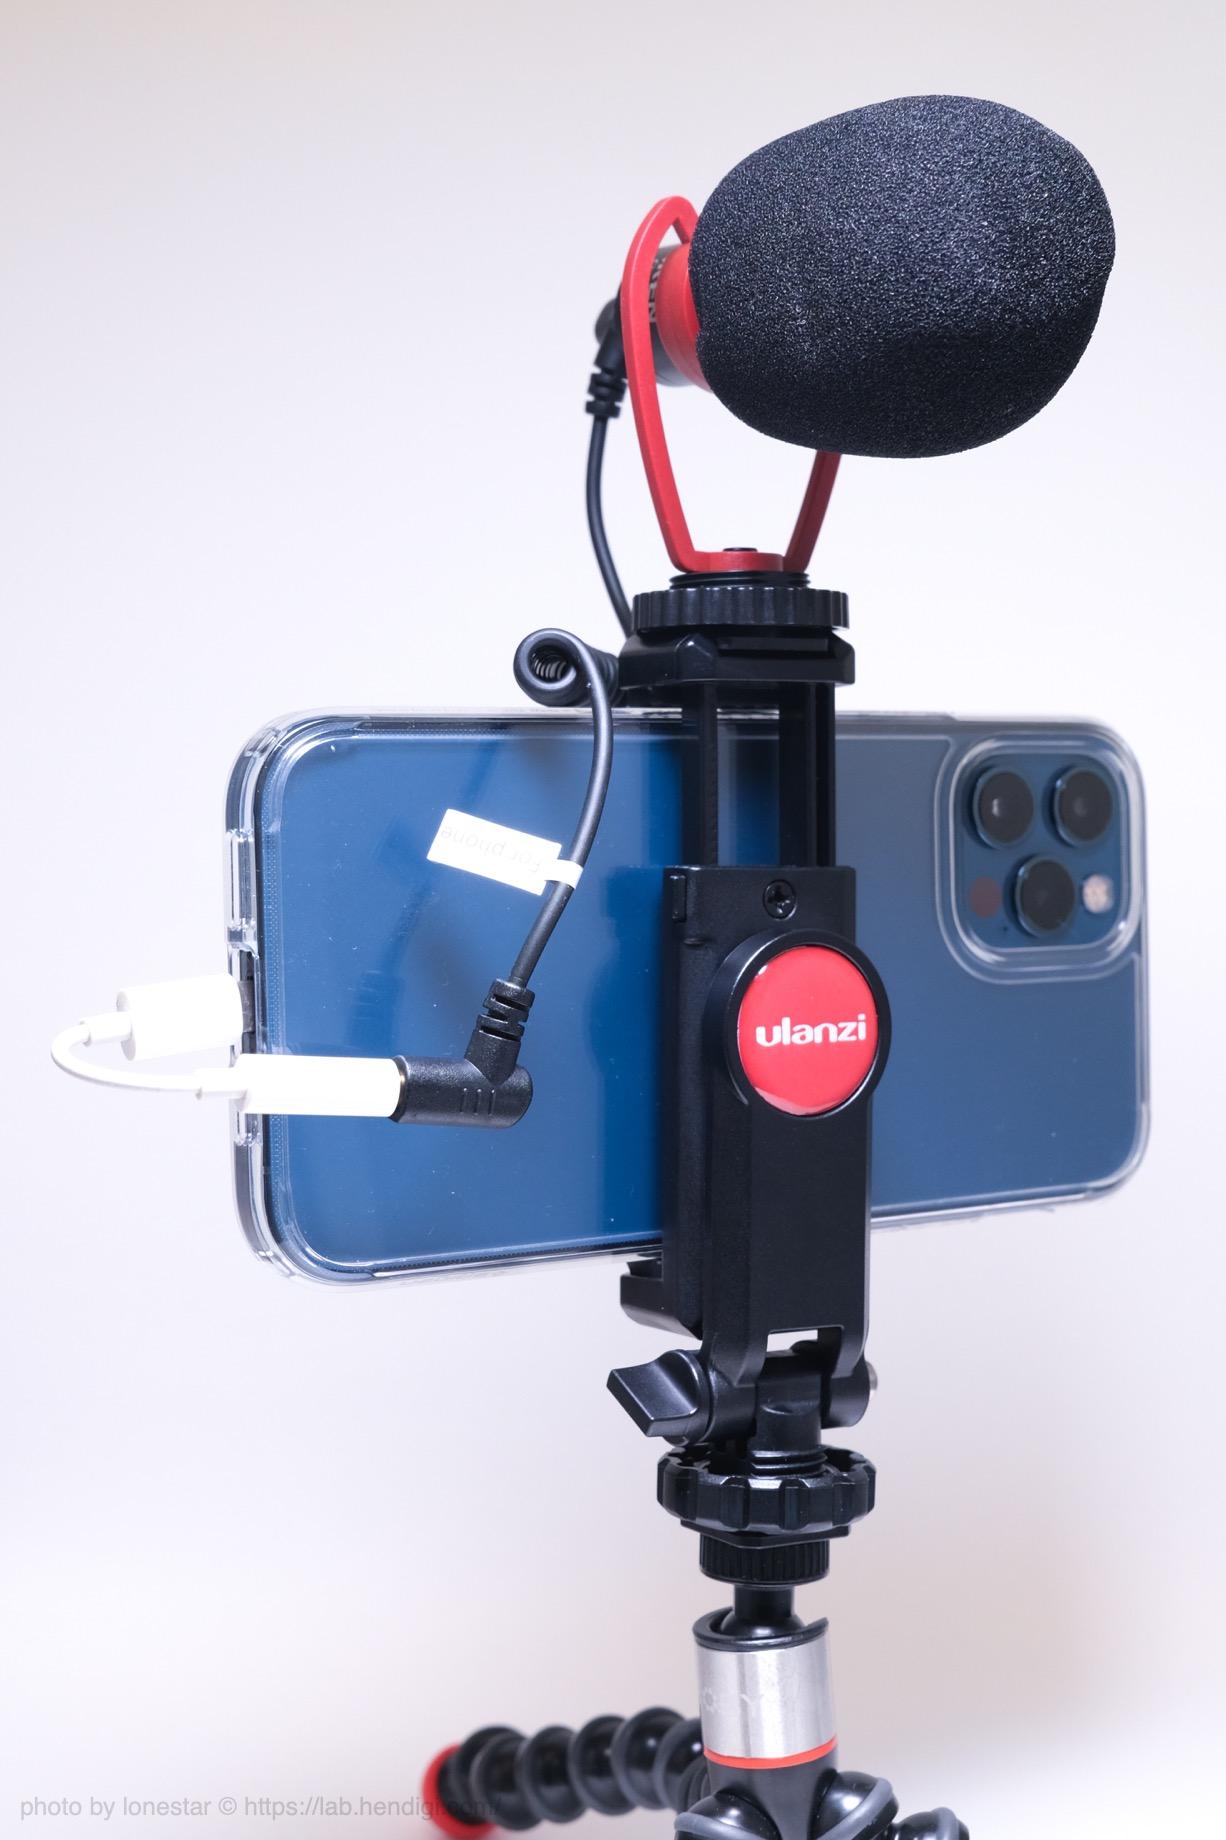 Ulanzi VM-Q1 iPhone